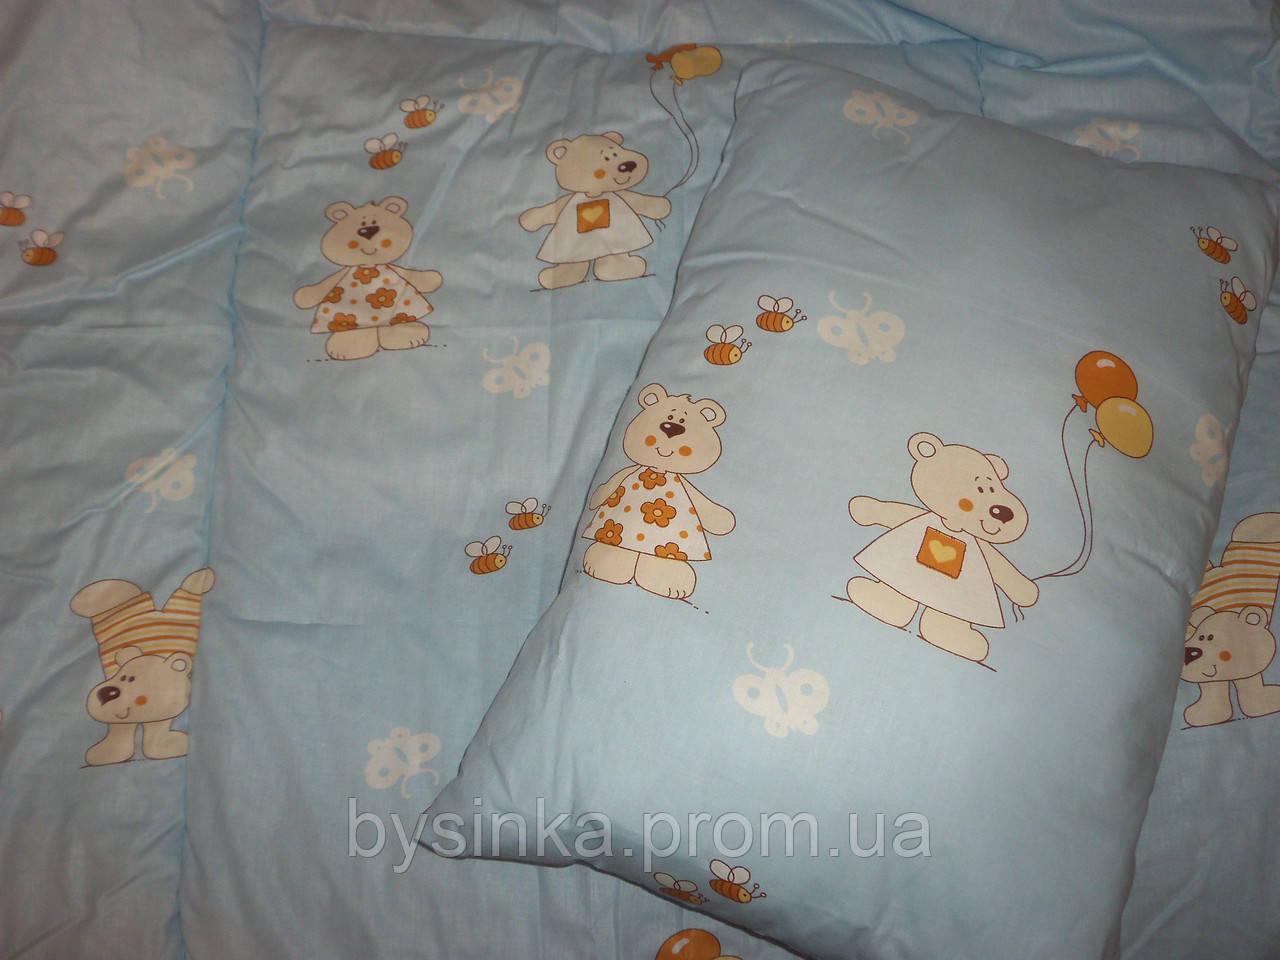 Набор детский (одеяло и подушка)